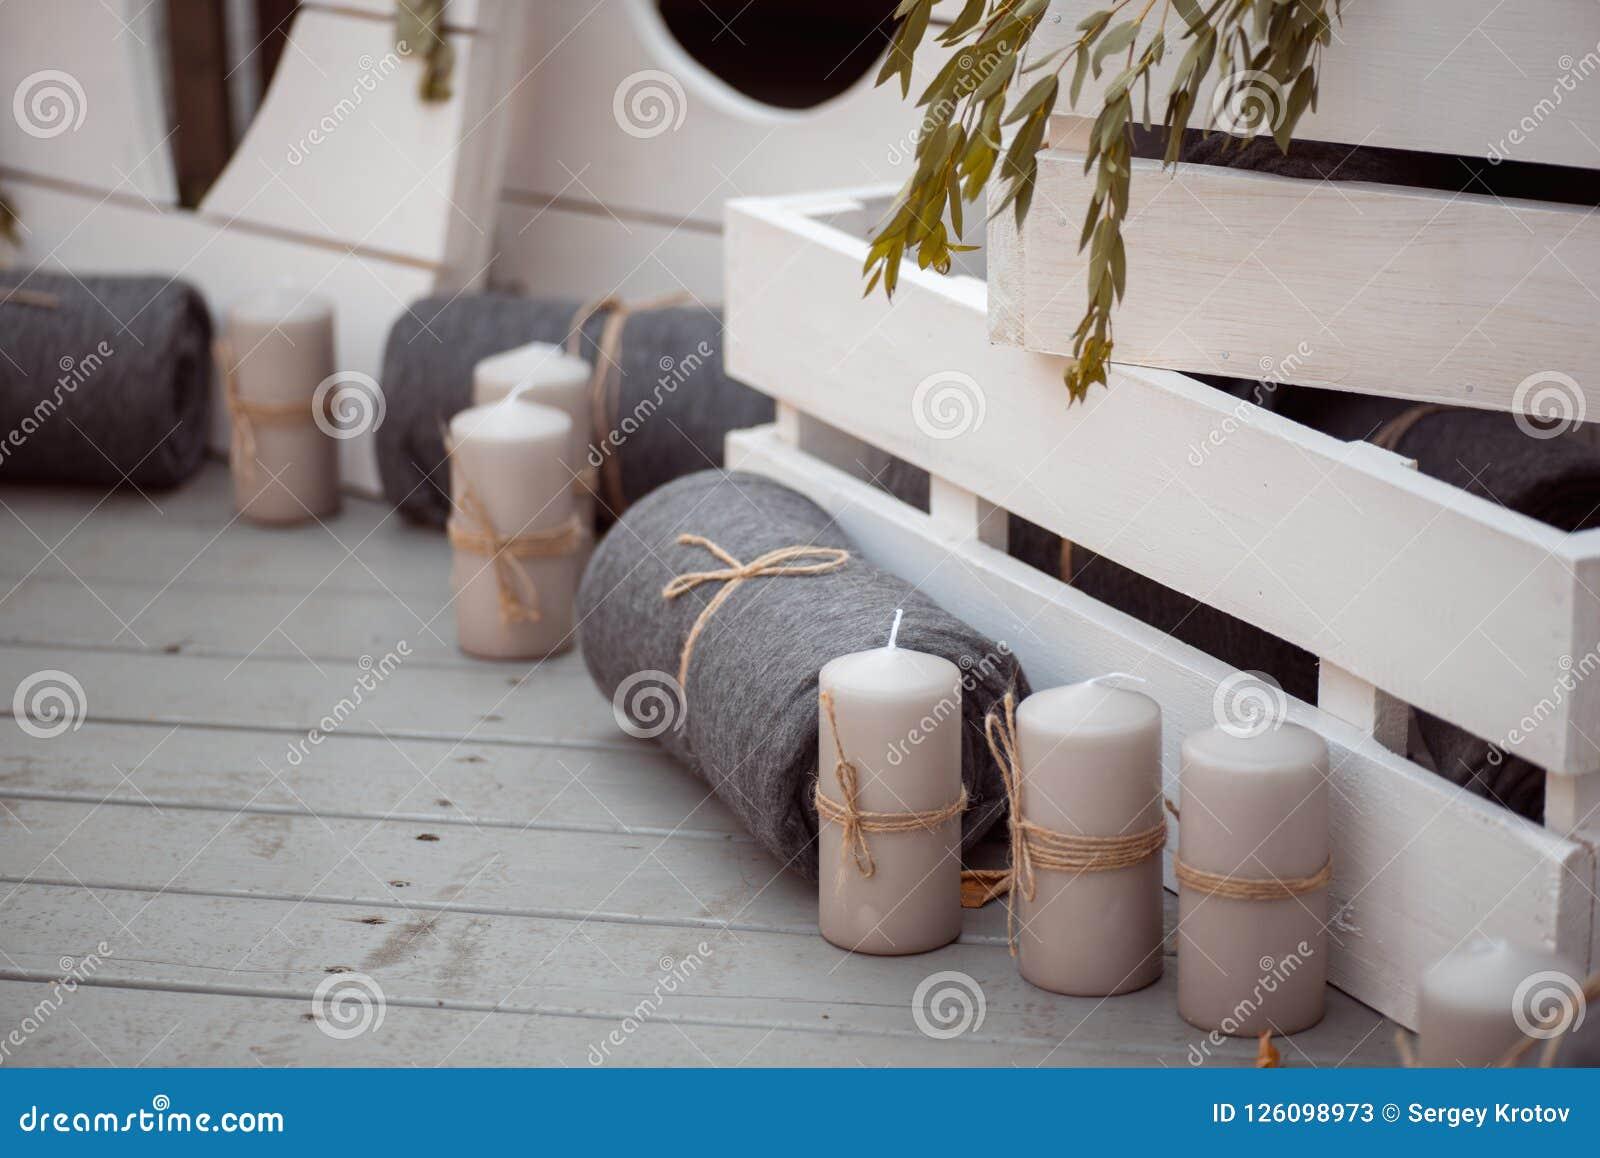 Viele Weiß gemalten hölzernen Käfigkästen, einige mit dekorativen Kerzen, rollten Decken und inländische Anlagen